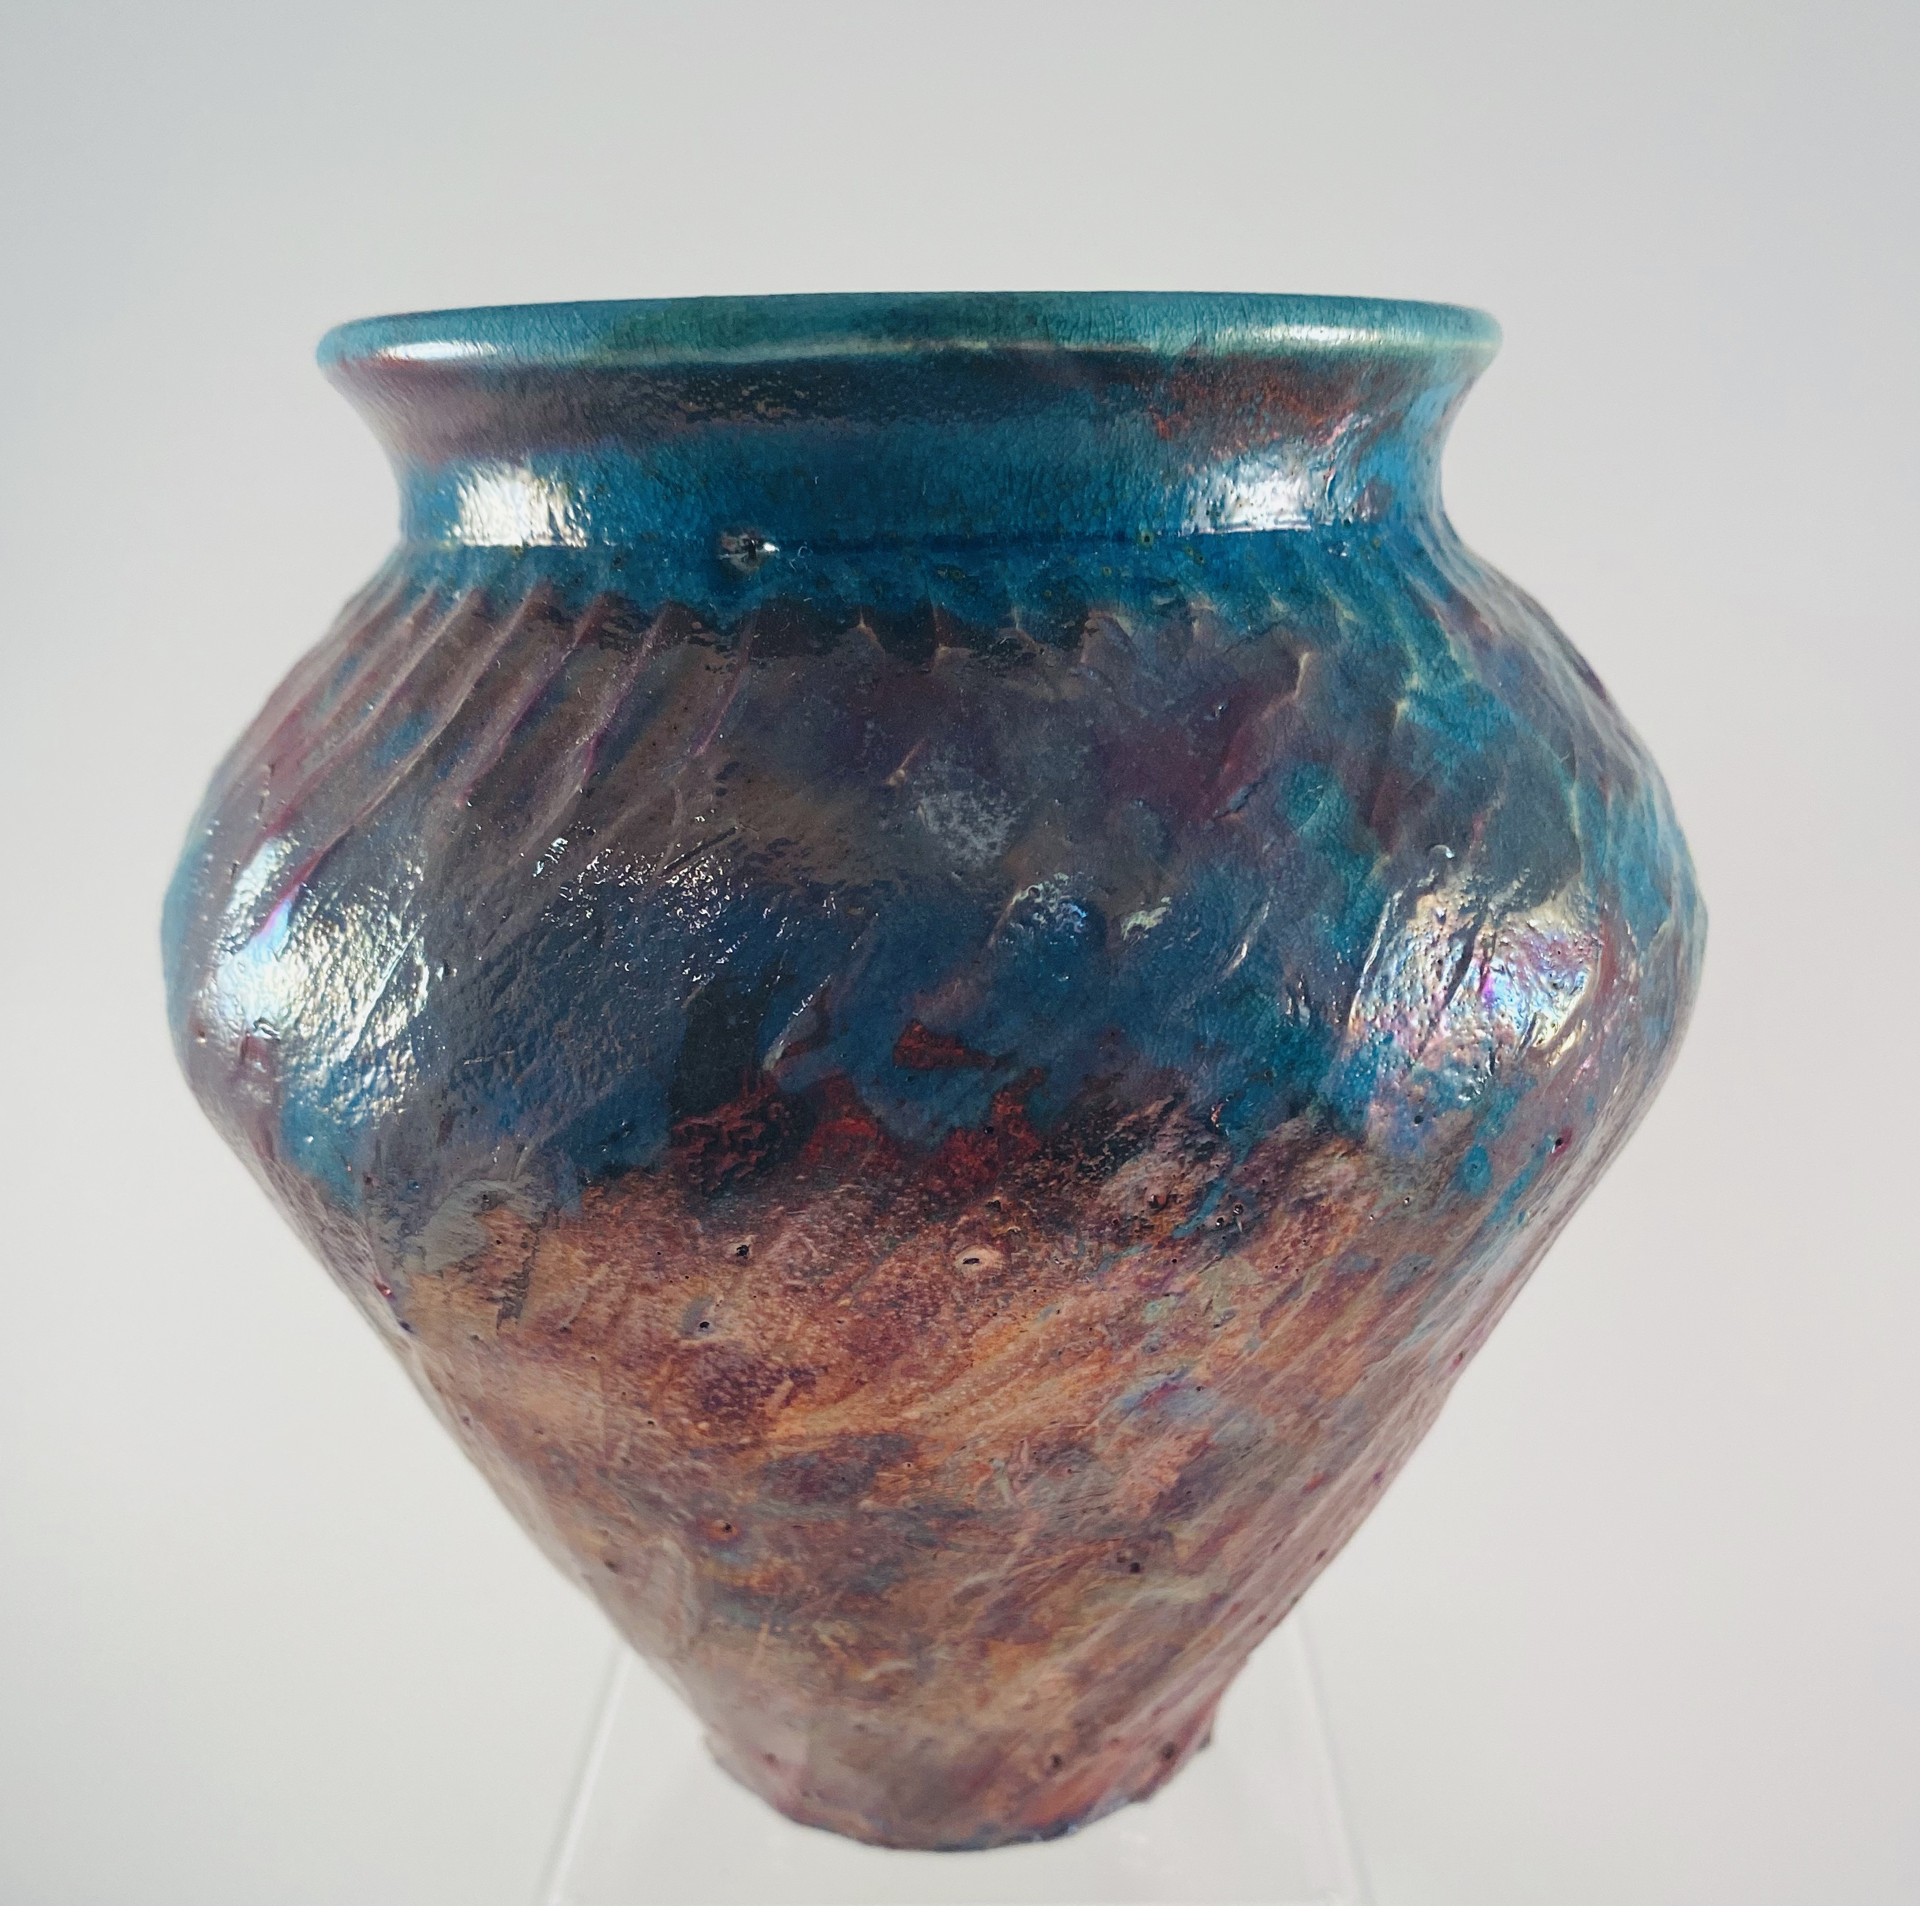 Pottery Vessel #102 by Tim Tyler